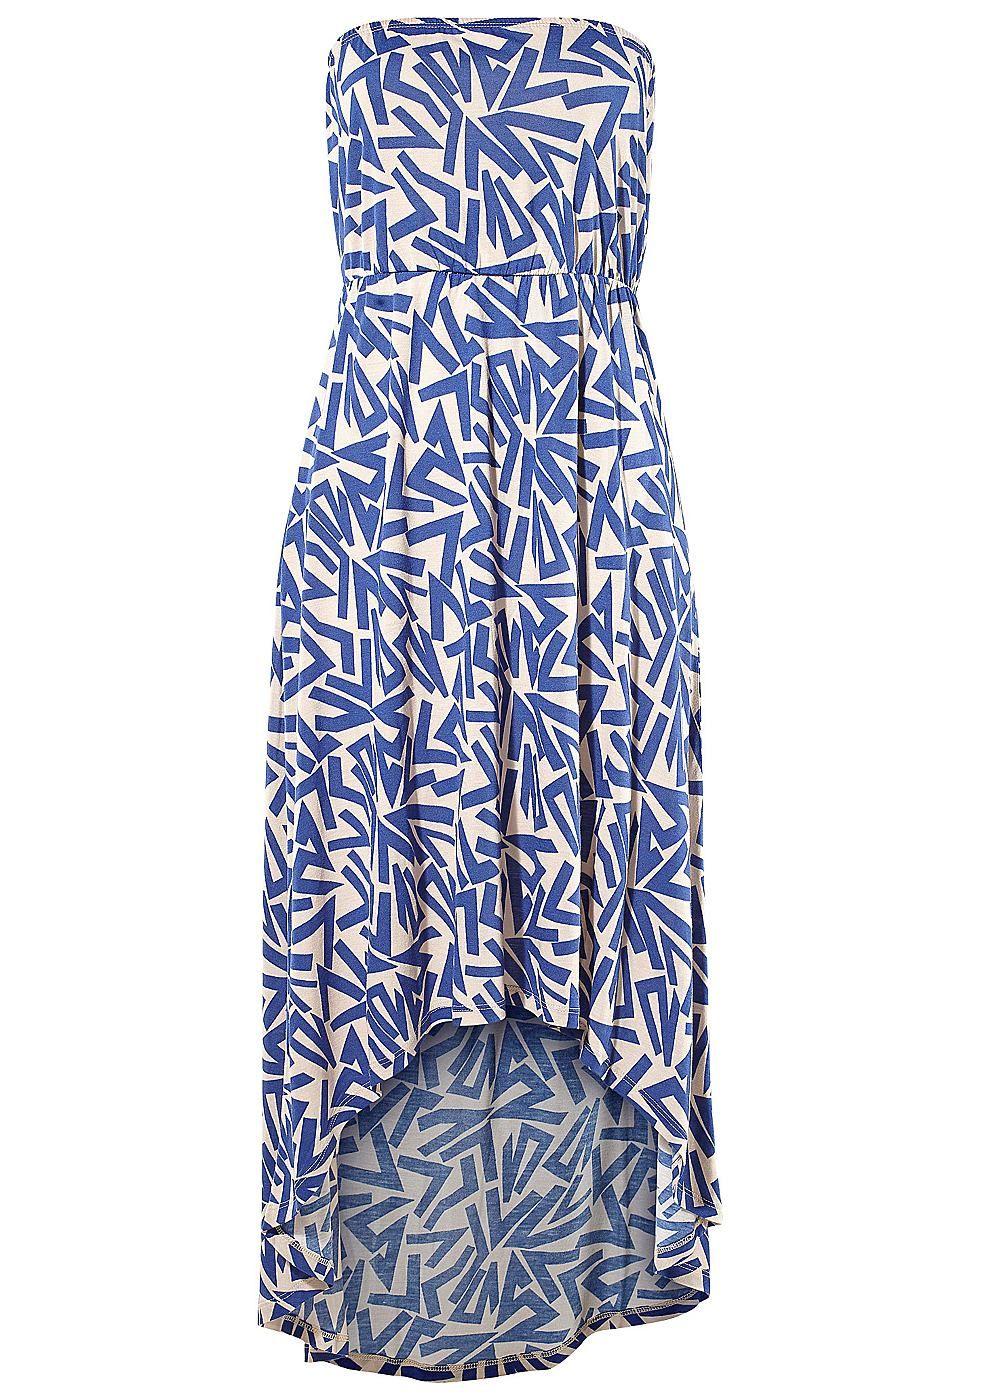 Neuer Look mit einem kürzeren Vorderteil und einem elastischen Unterbrustband. Länge ca. 112 cm.  Aus 100% Viskose....